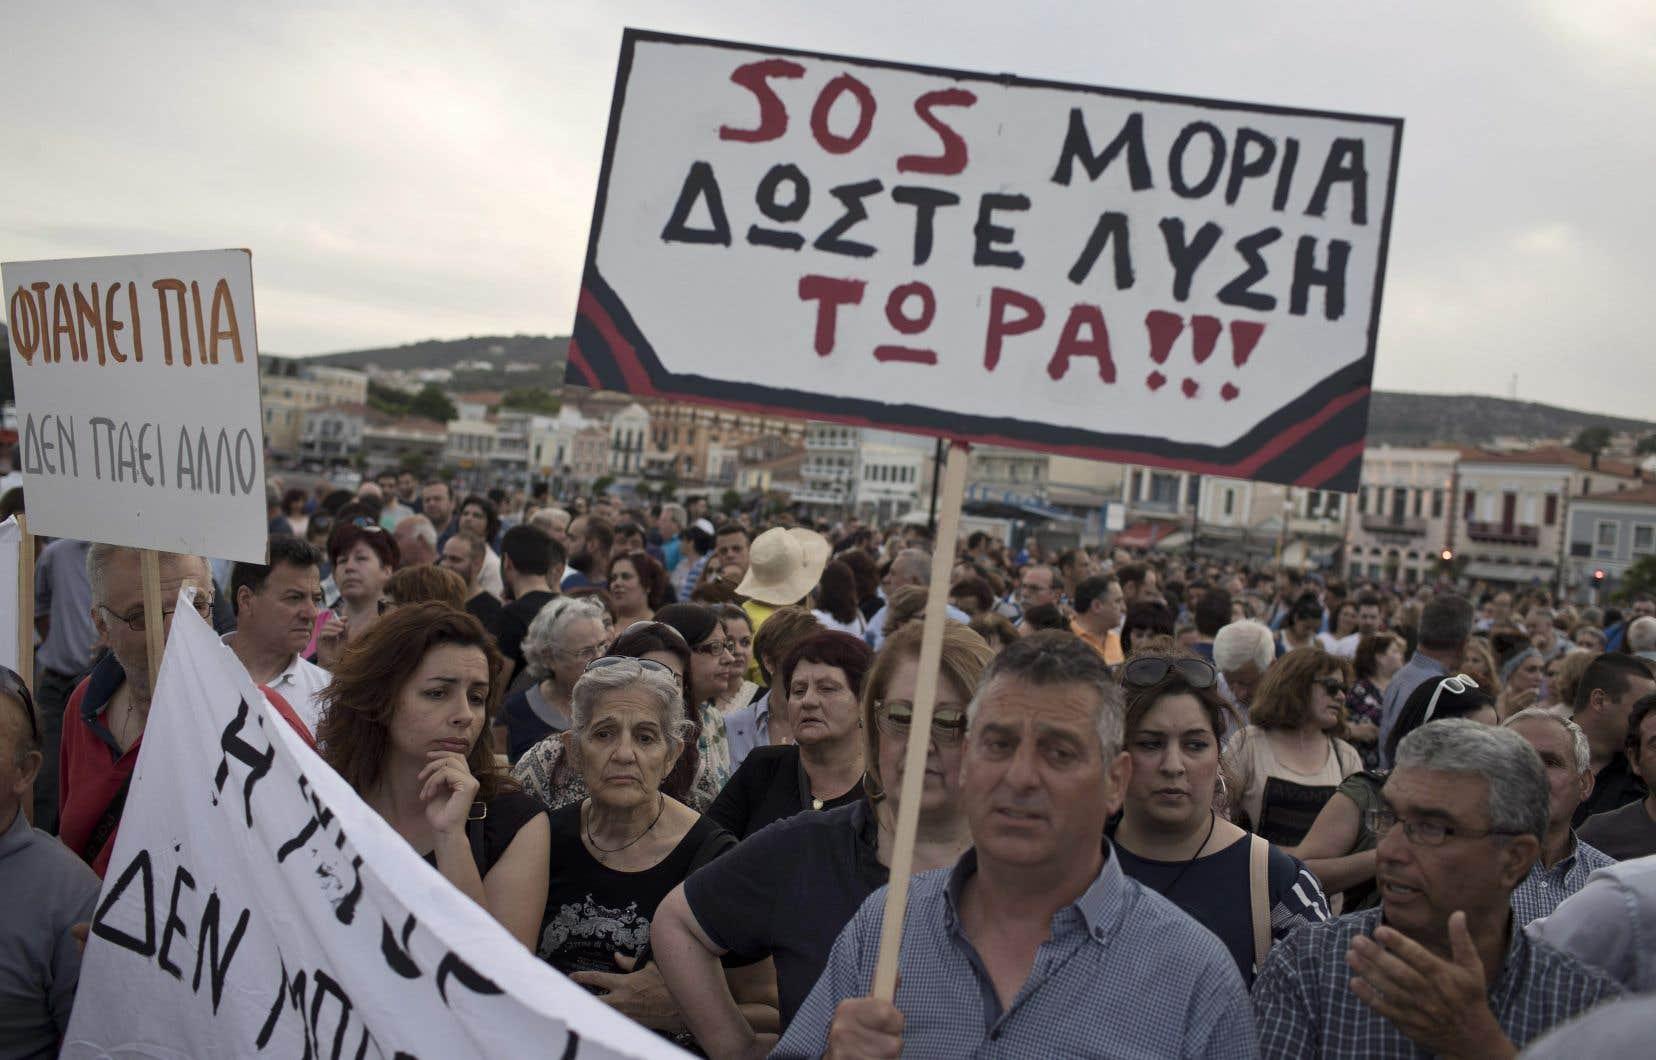 De nombreux résidents ont manifesté au moment de son discours, la plupart d'entre eux venant du village de Moria, où est situé le camp le plus surpeuplé de l'île.